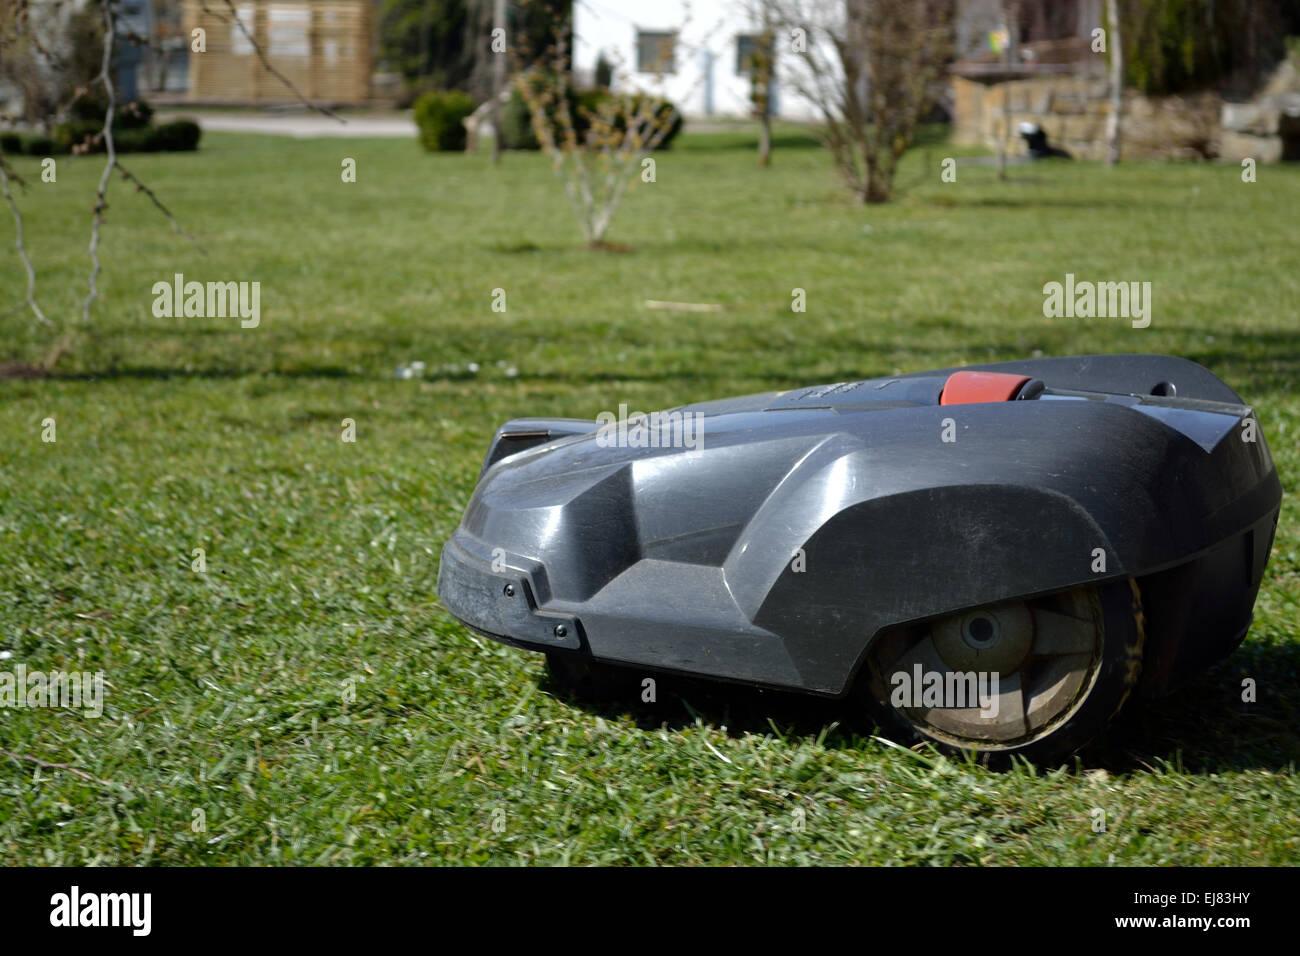 roboter-rasenmäher schneidet rasen stockfoto, bild: 80083751 - alamy